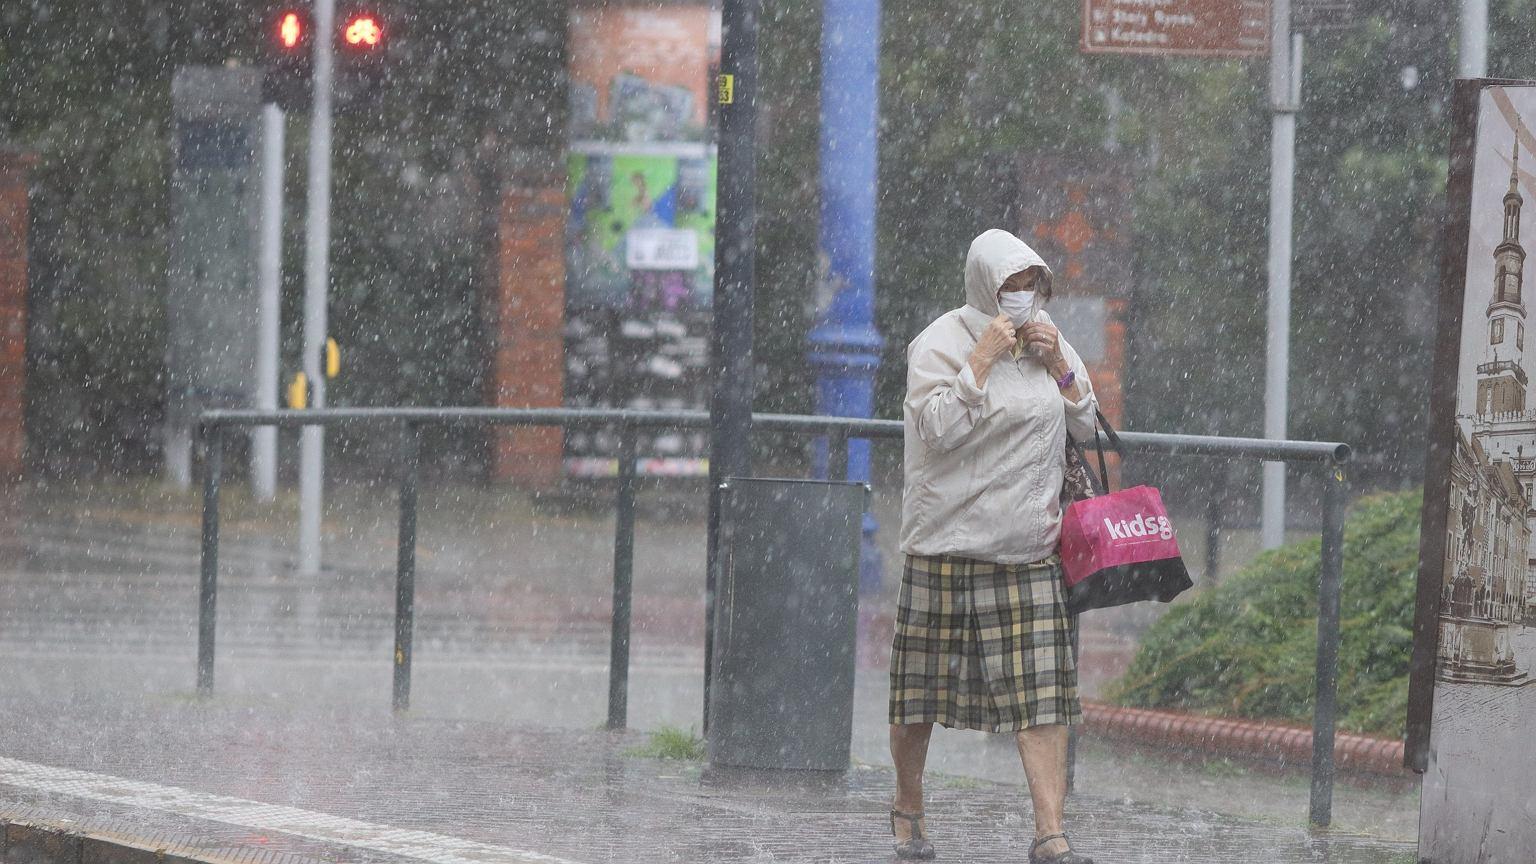 Upały i burze w Polsce. IMGW wydało ostrzeżenia dla prawie całego kraju